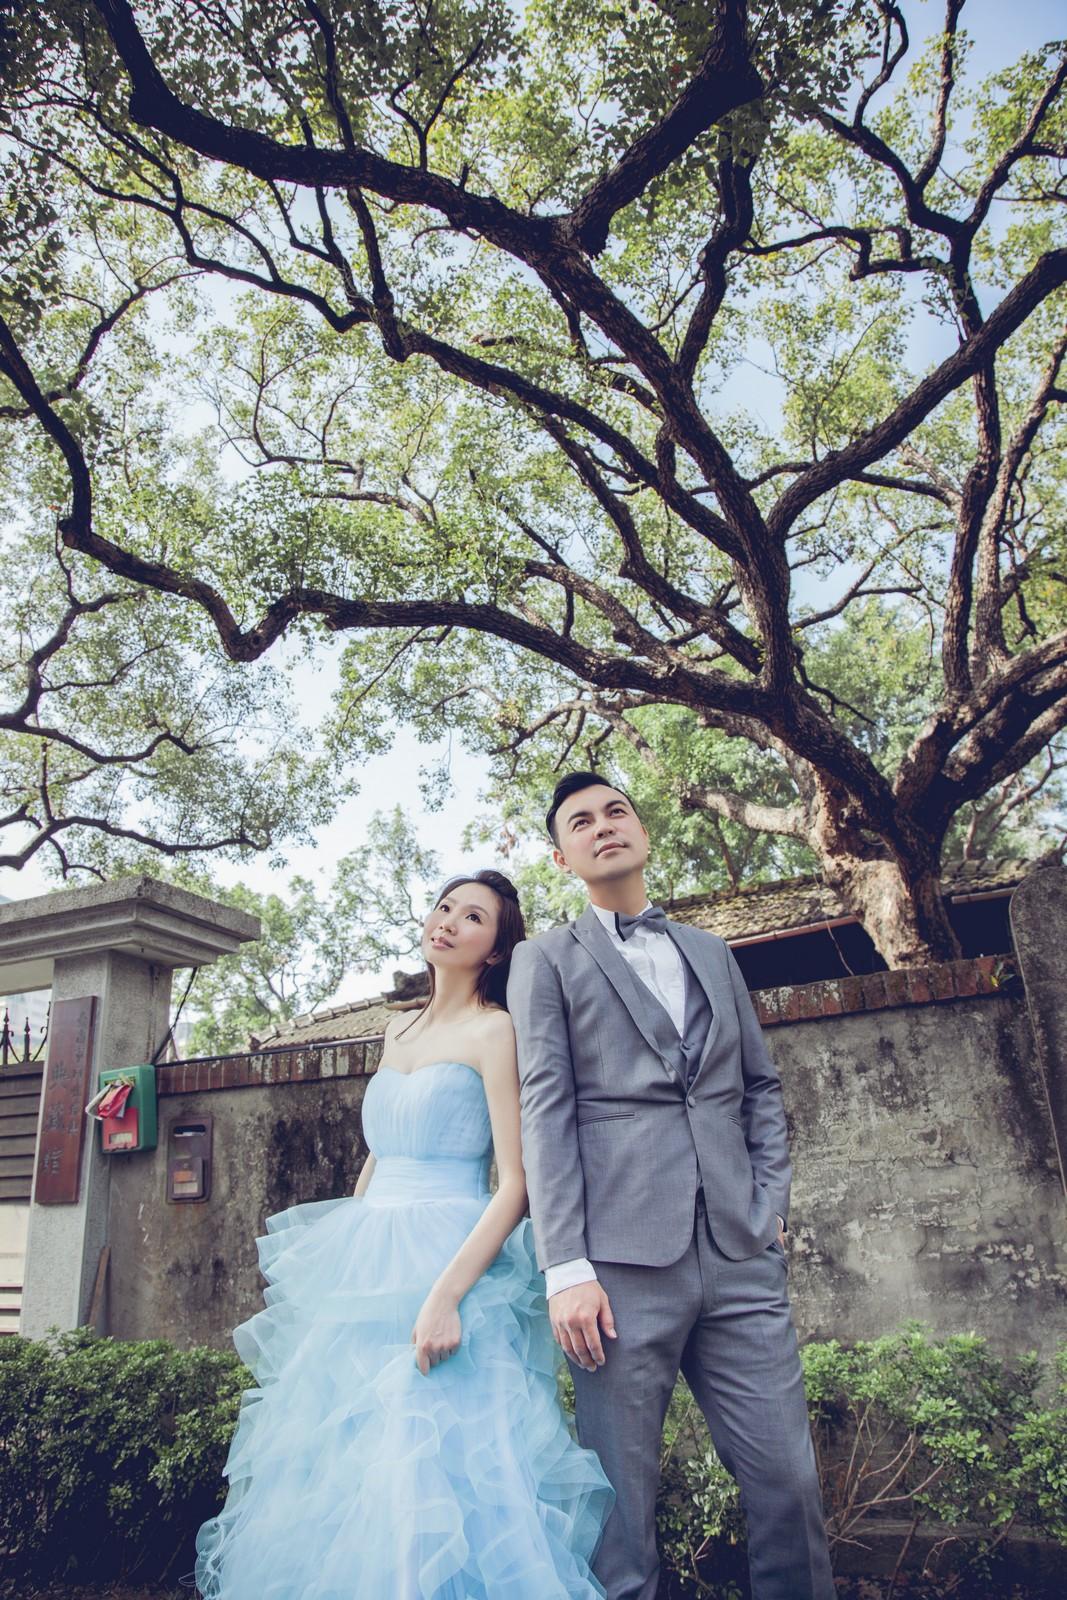 自助婚紗,自主婚紗推薦,台南 自助婚紗,tn21